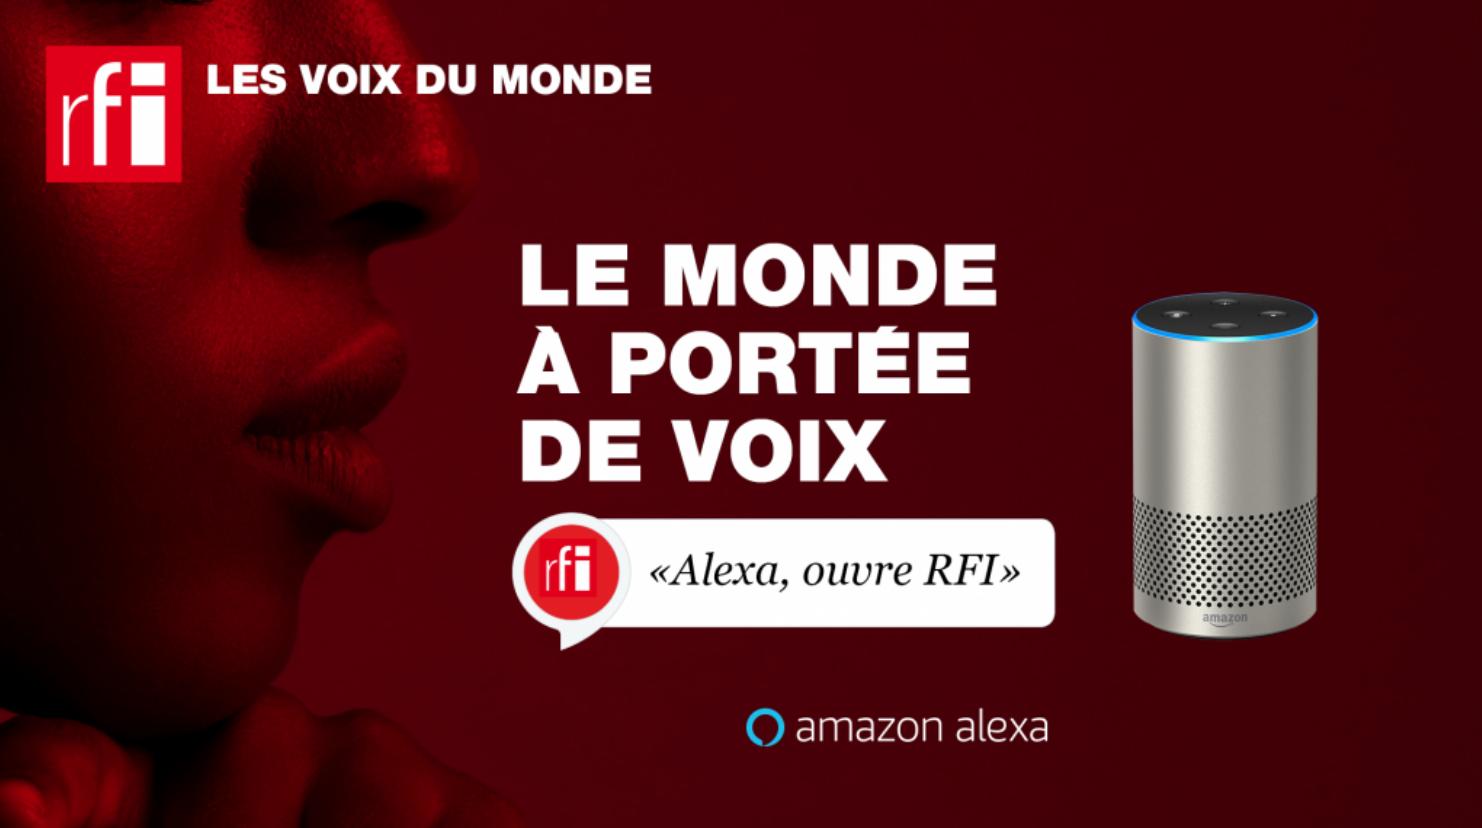 RFI désormais disponible via Alexa